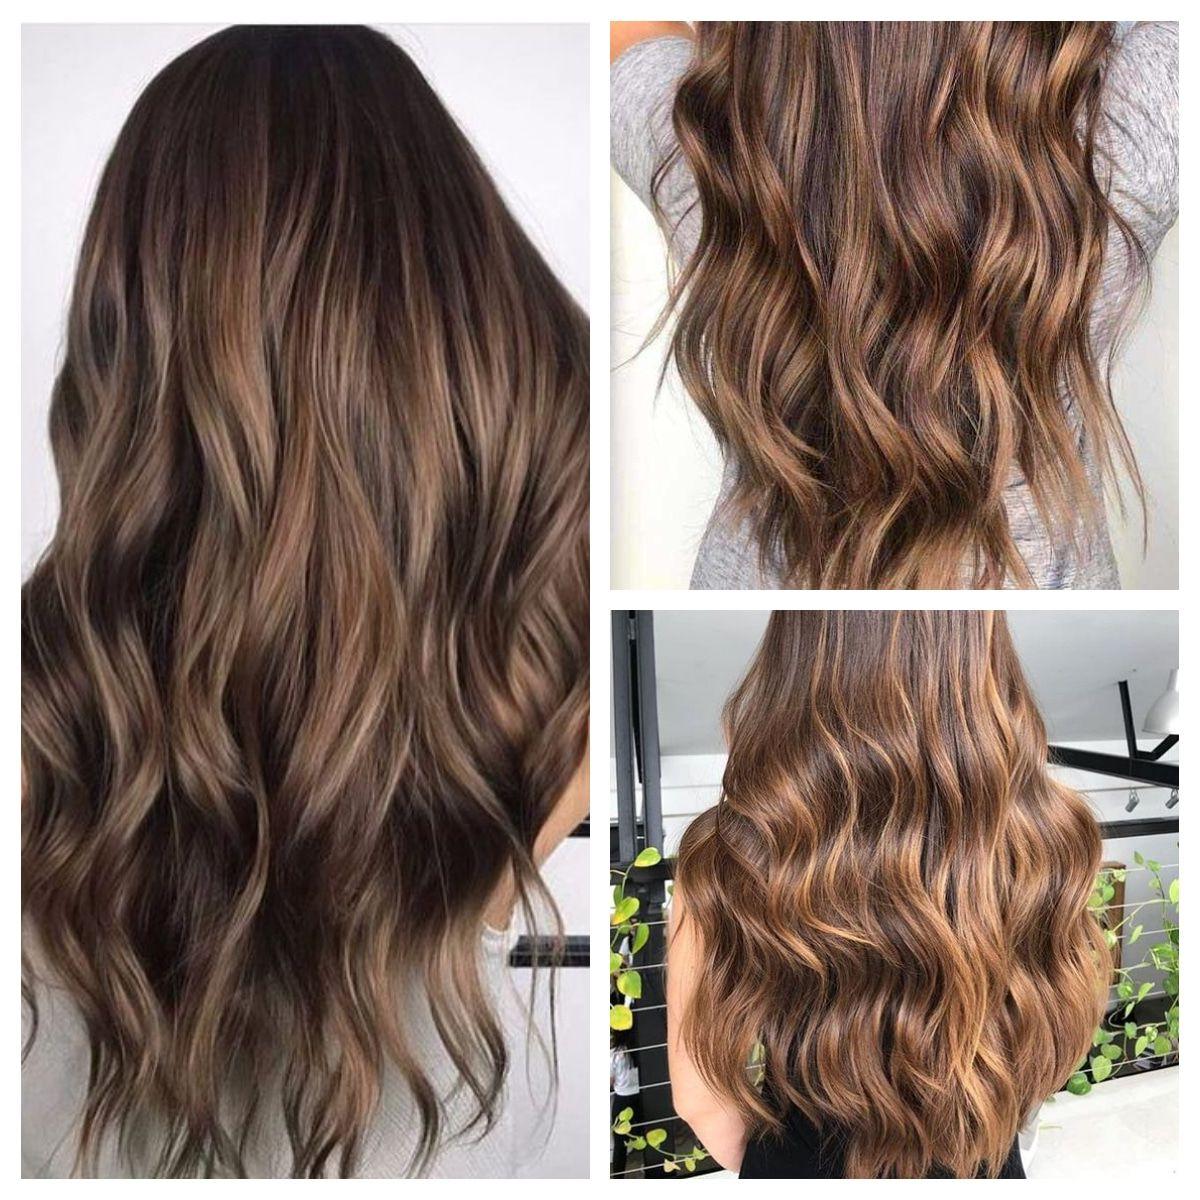 Fındık Kabuğu Saç Rengi Ve Modelleri – Boya Numarası & Bakımı #hair With Regard To Maddy 70 Inch Tv Stands (View 4 of 20)